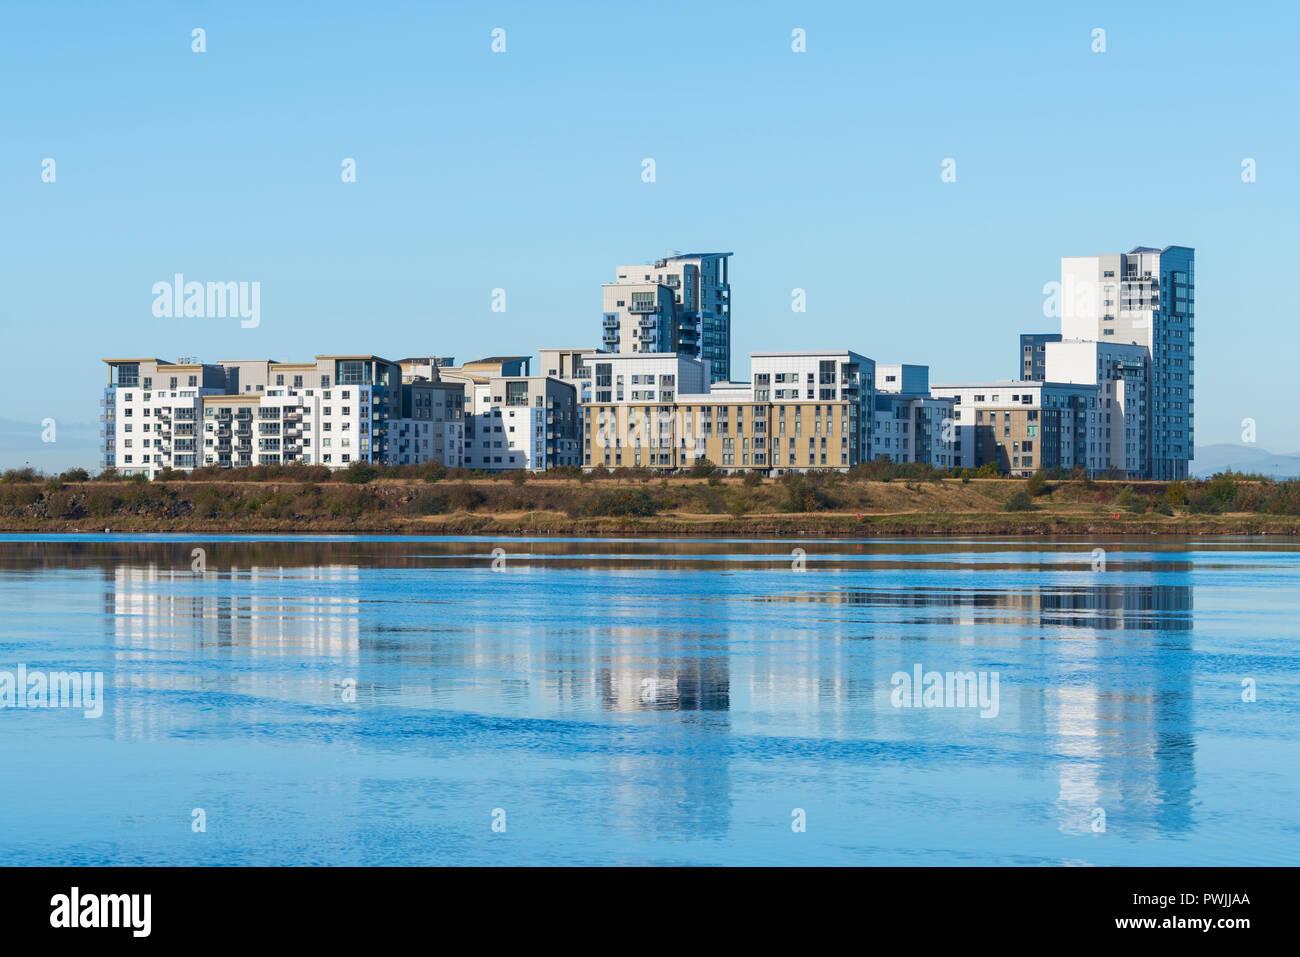 Vue sur les immeubles modernes à Western Harbour développement domiciliaire de Leith, Ecosse, Royaume-Uni Photo Stock